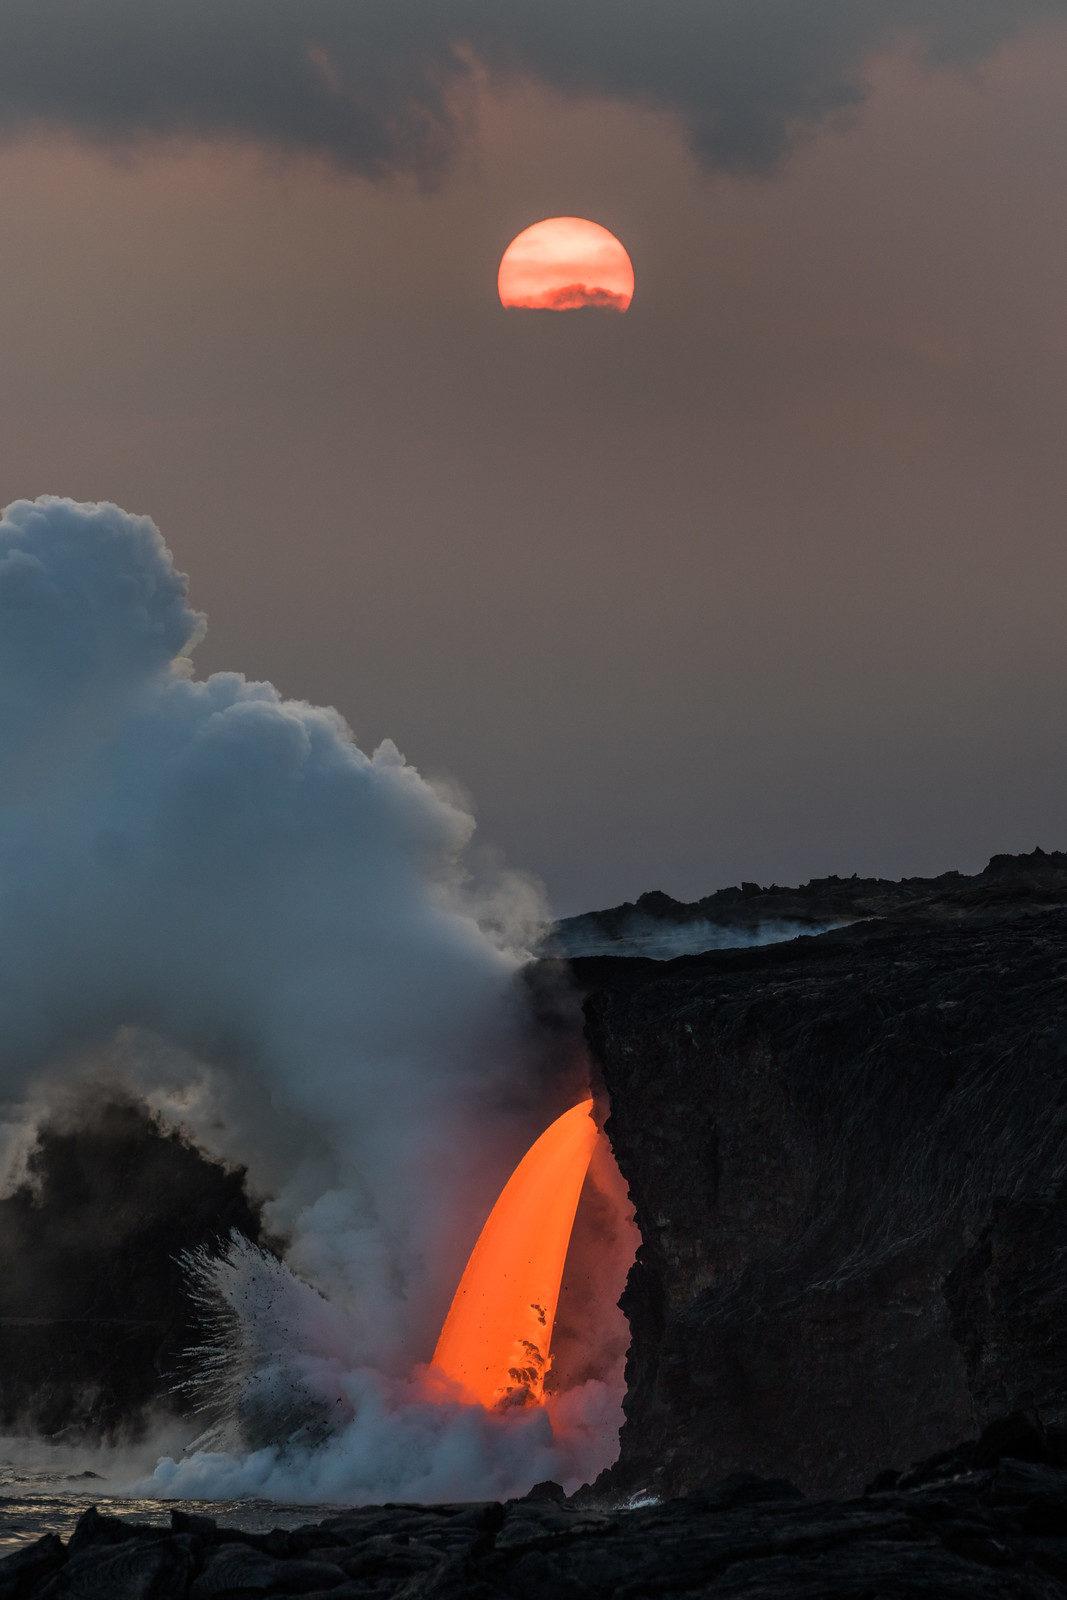 22張照片證明「大自然根本是一門神秘學」 當熔岩流入大海...畫面太驚人!